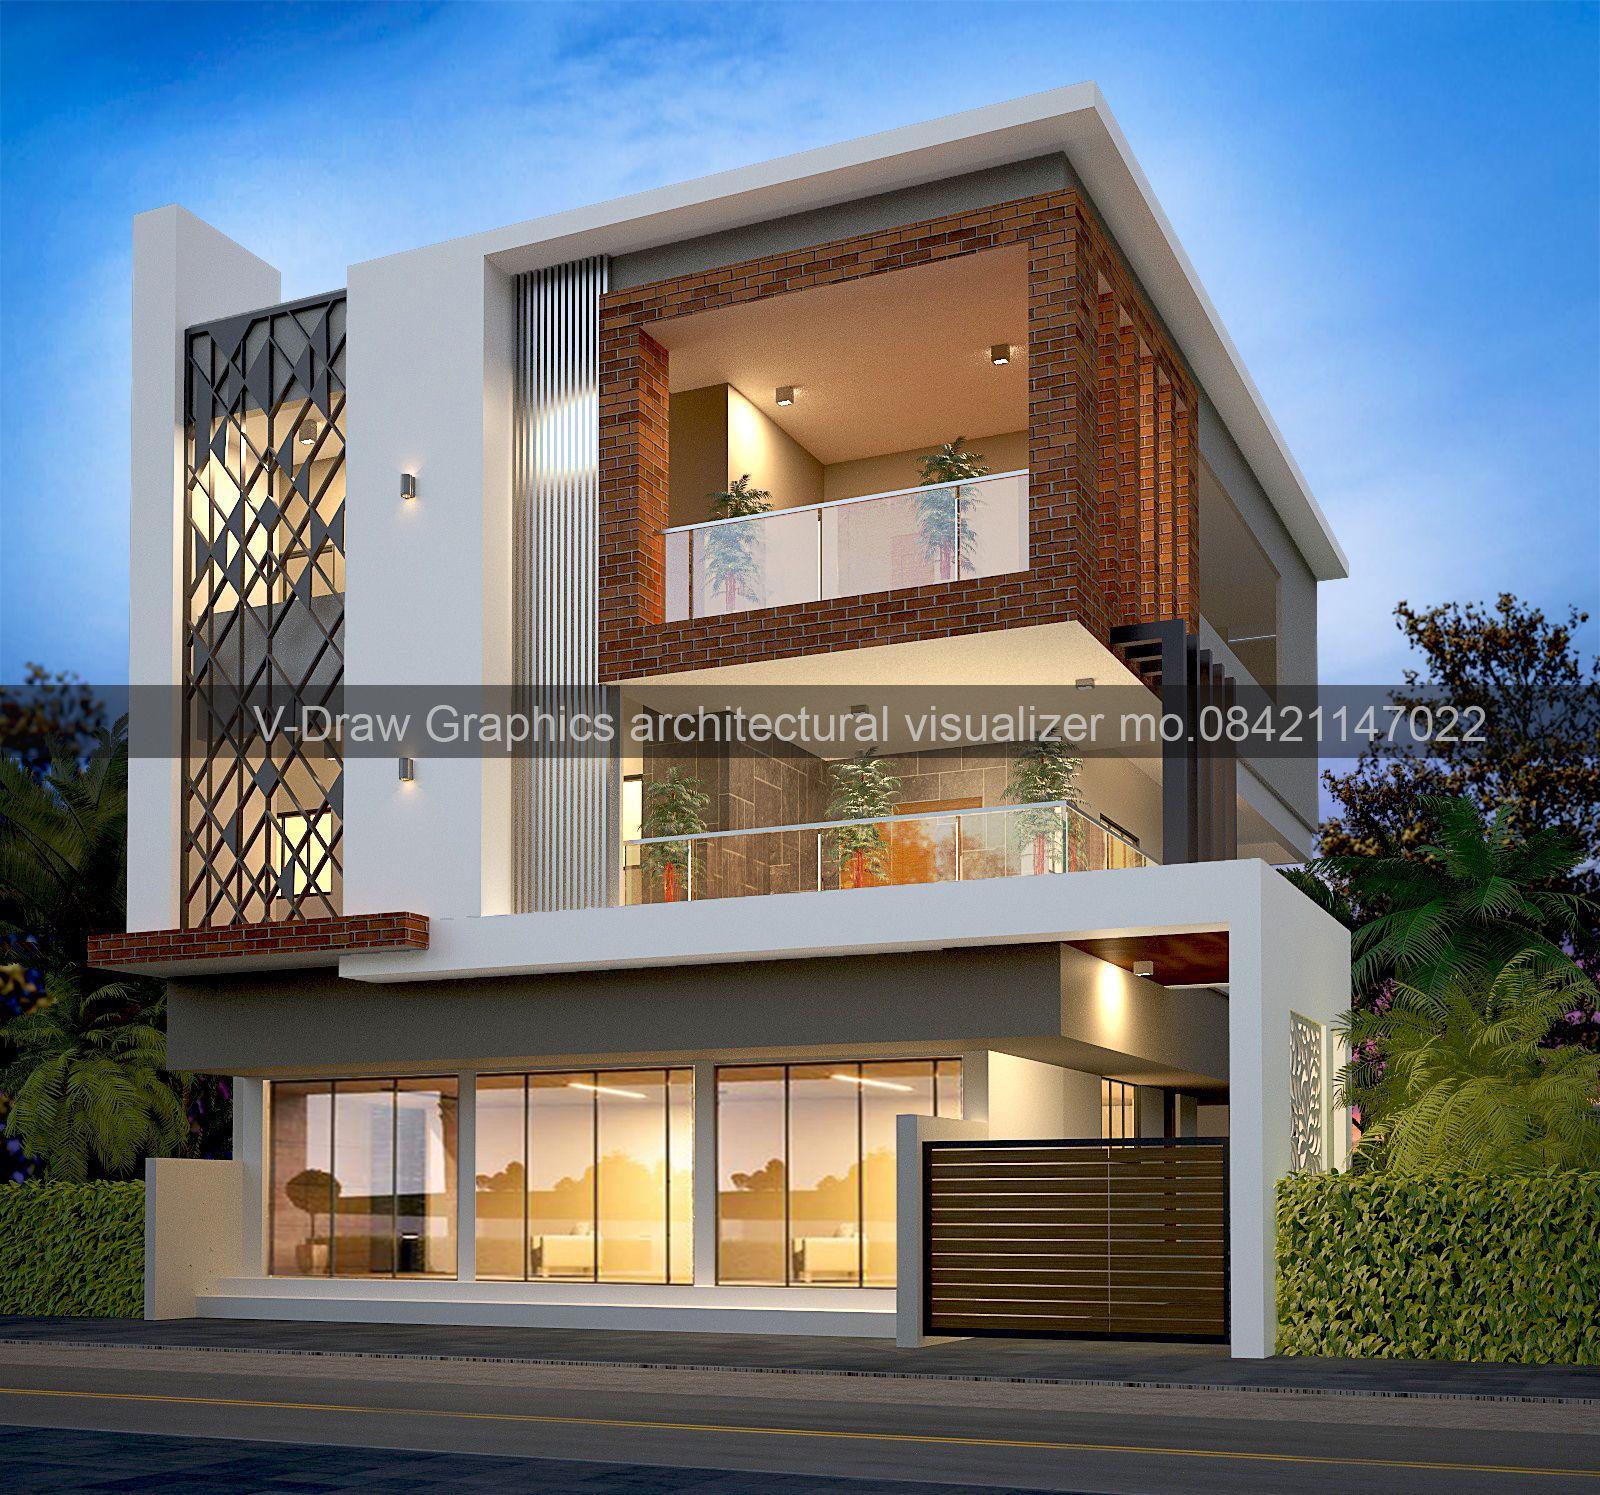 Modern Exterior Design Your Dream House Modern Exterior House Designs House Architecture Styles Facade House